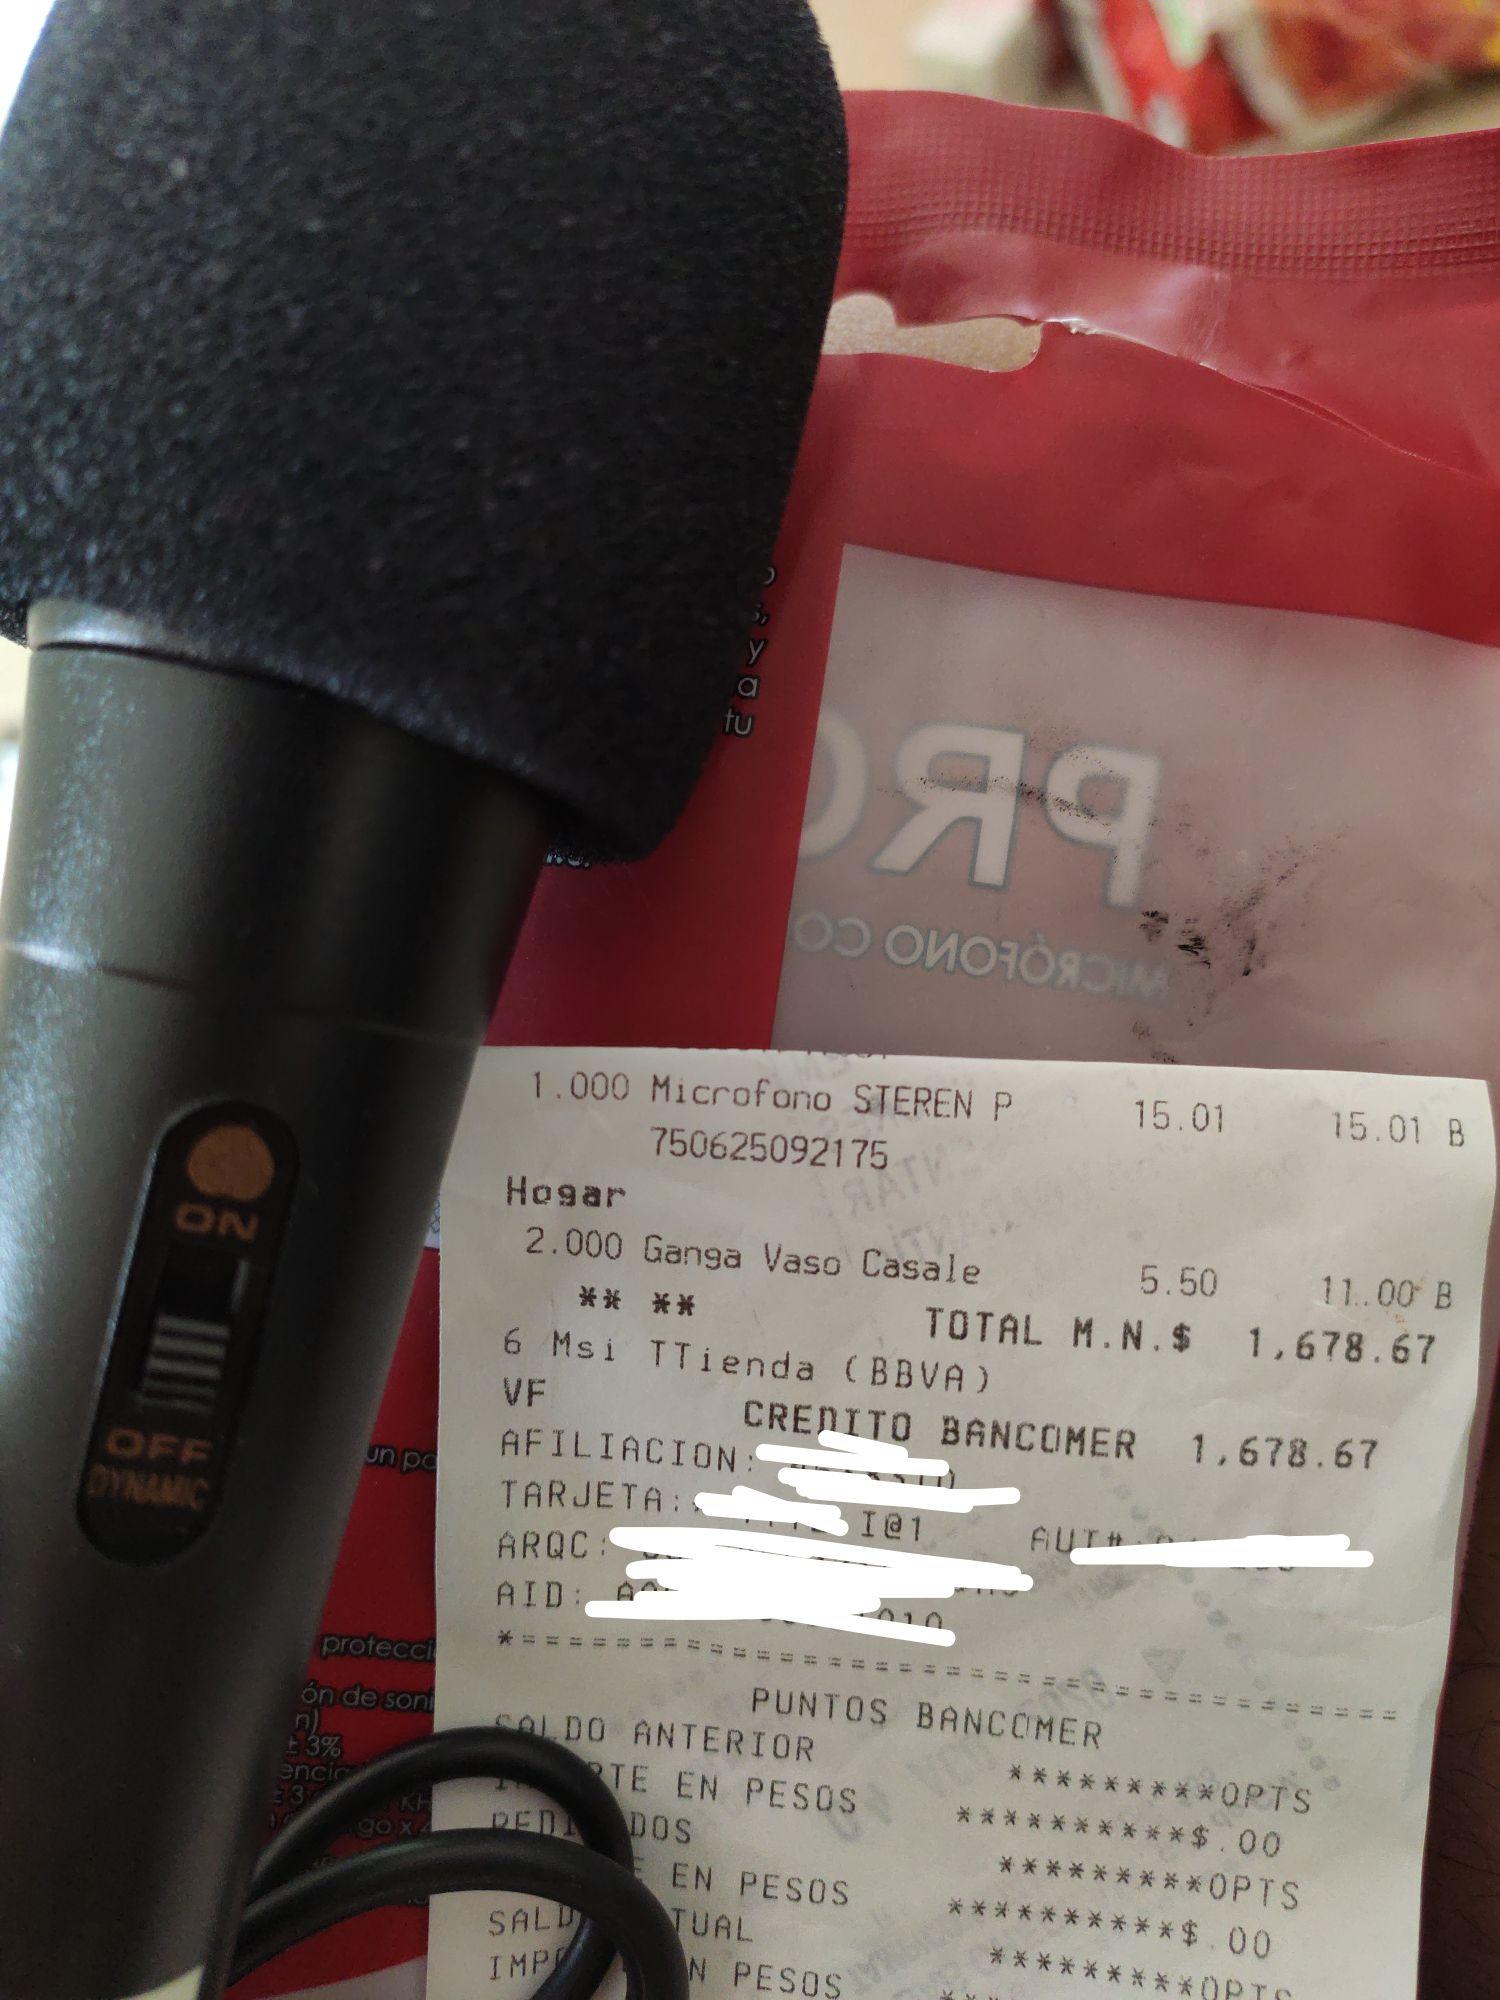 Chedraui: Micrófono STEREN PROAM